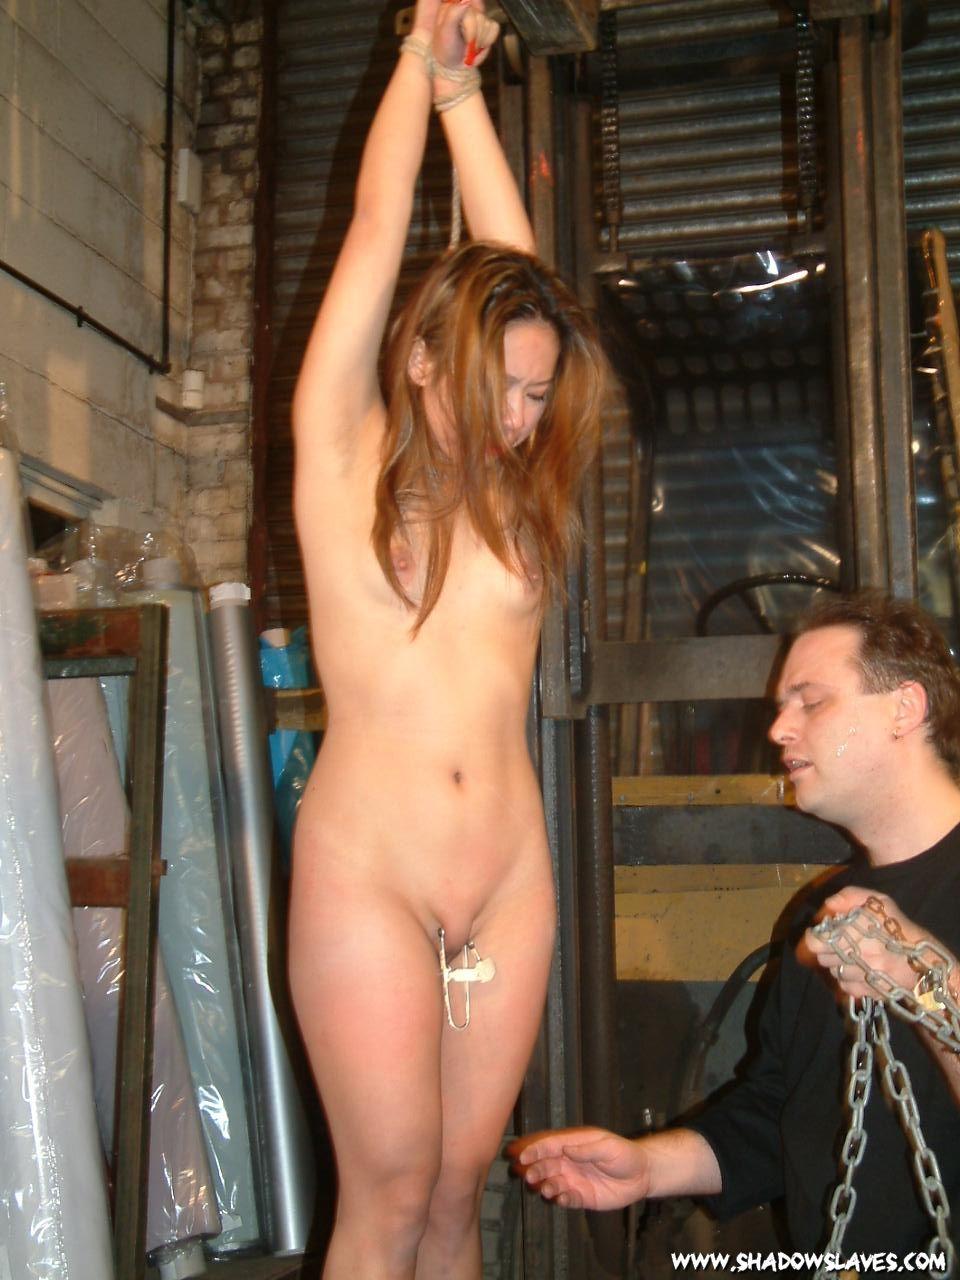 hot meg ryan nude